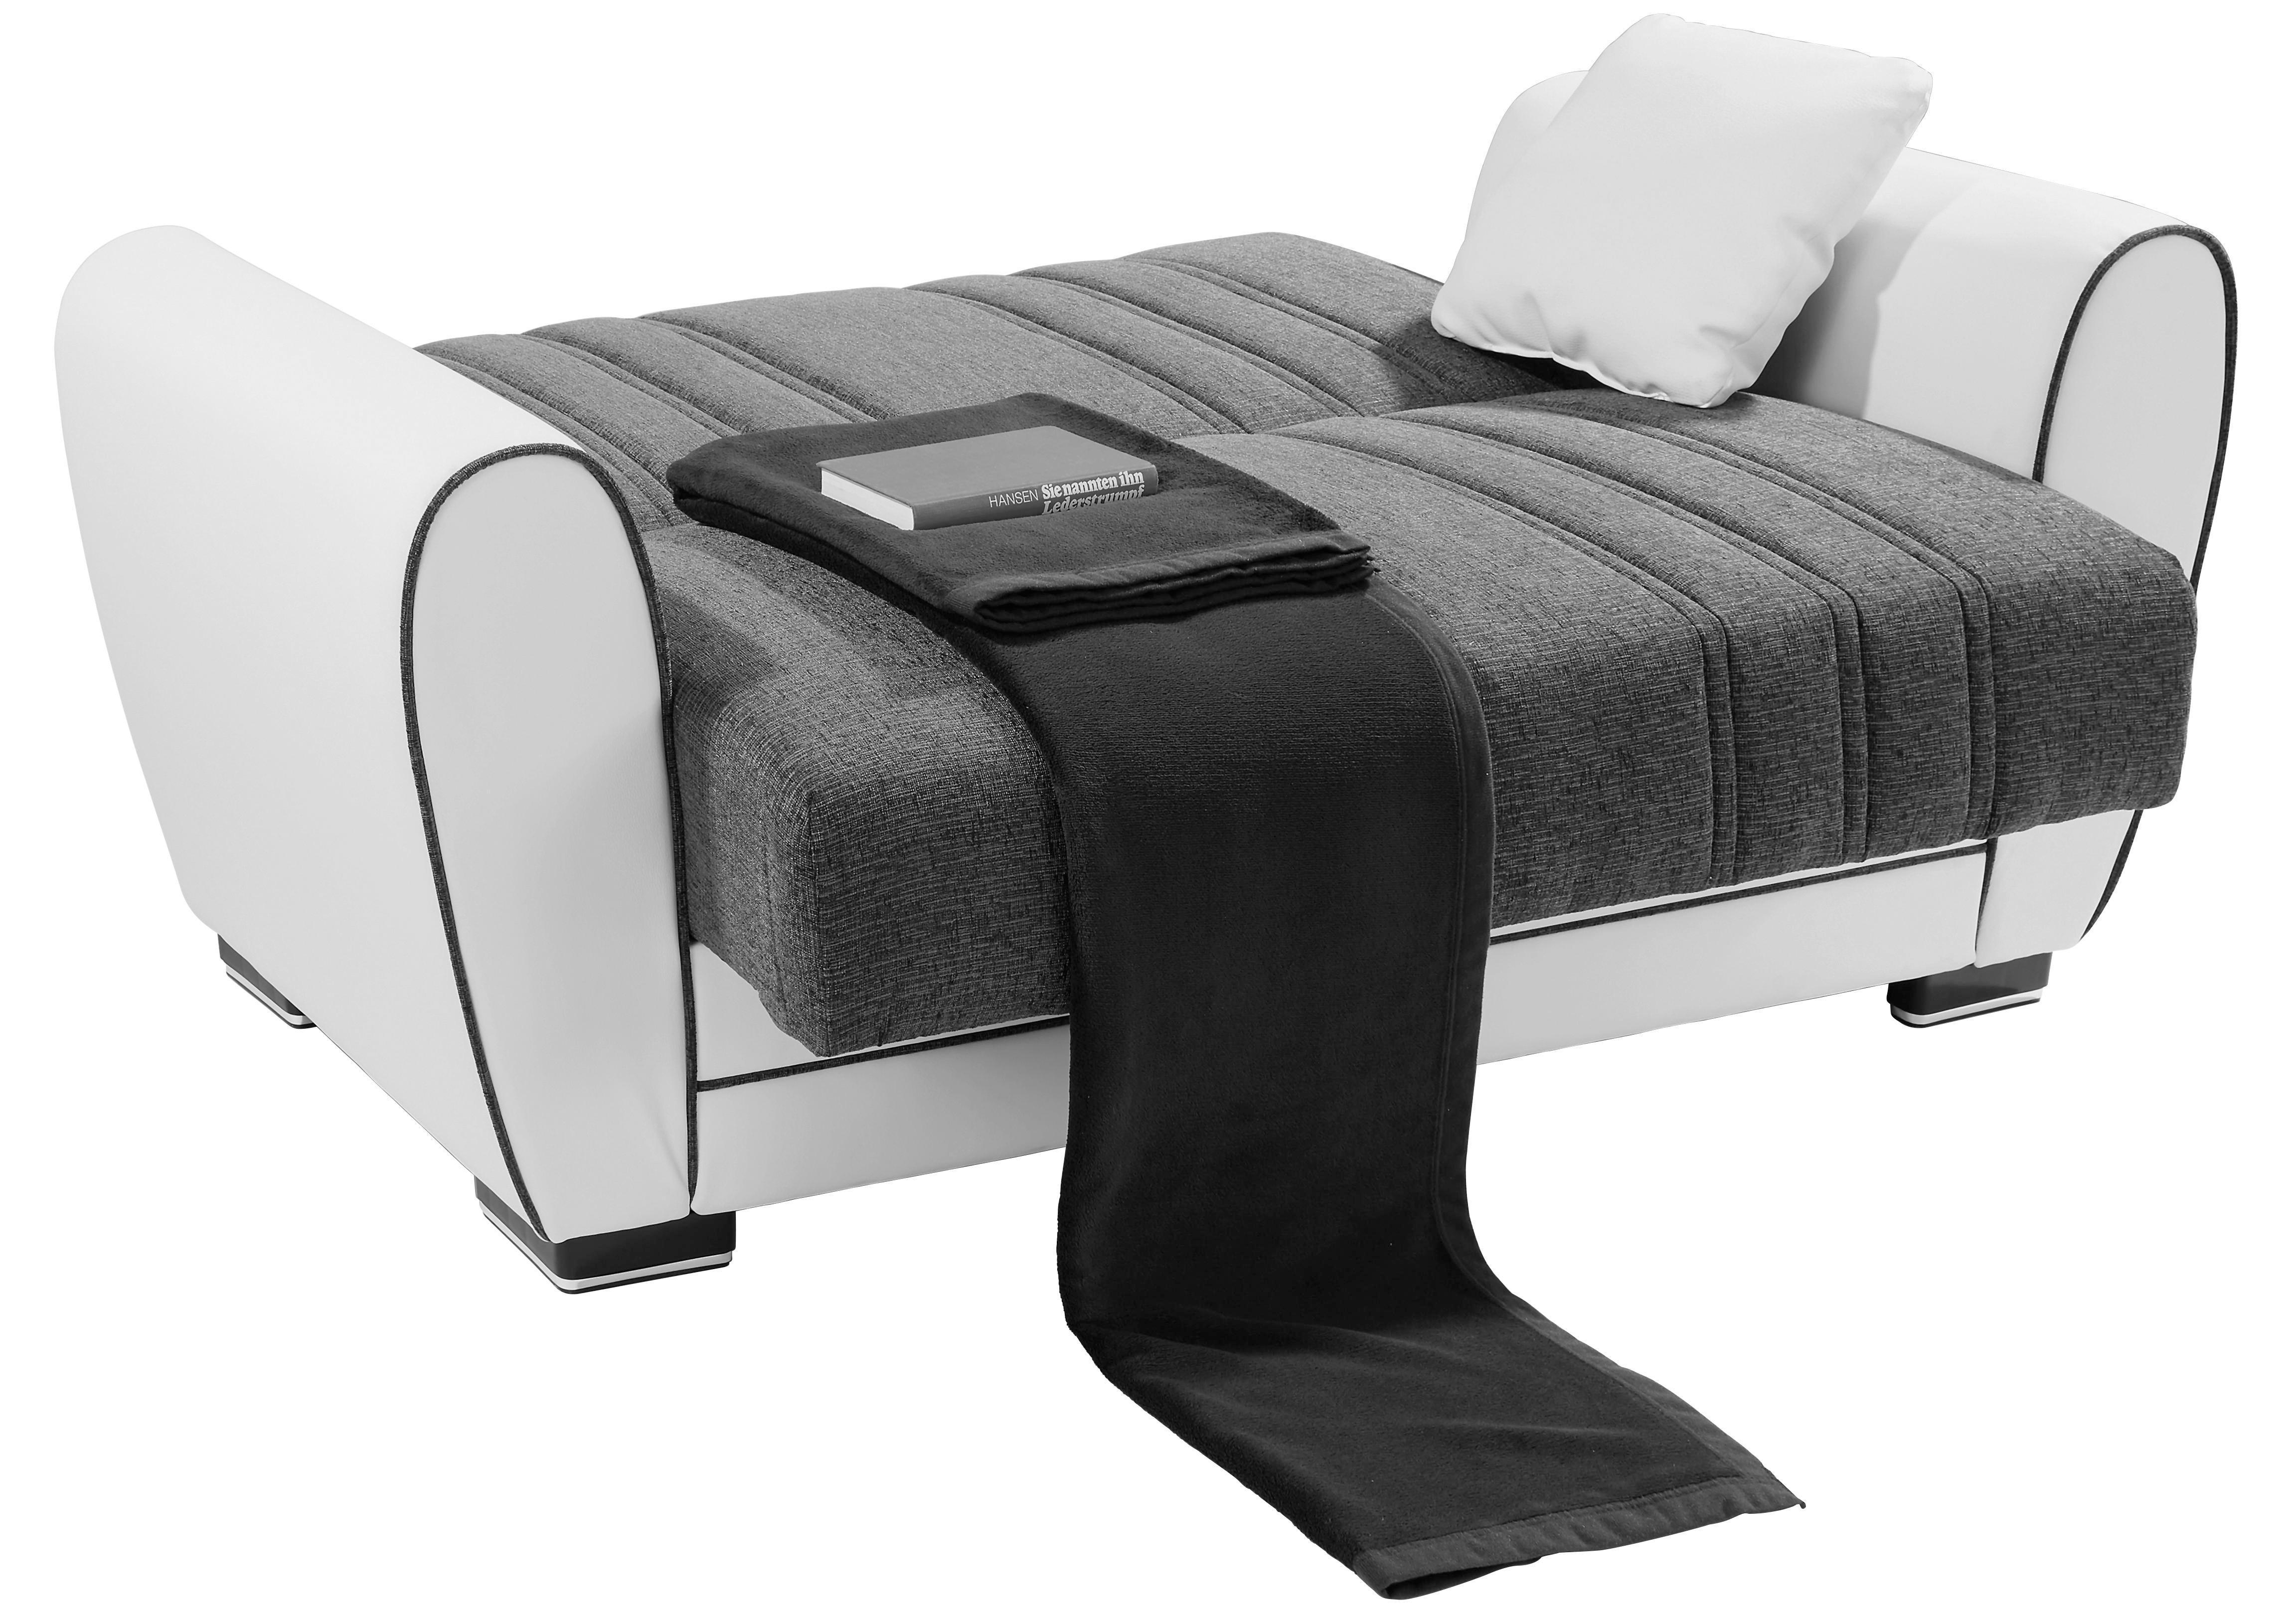 Dvoumístná Pohovka Pelin - bílá/šedá, Moderní, textil/dřevěný materiál (162/85/90cm)